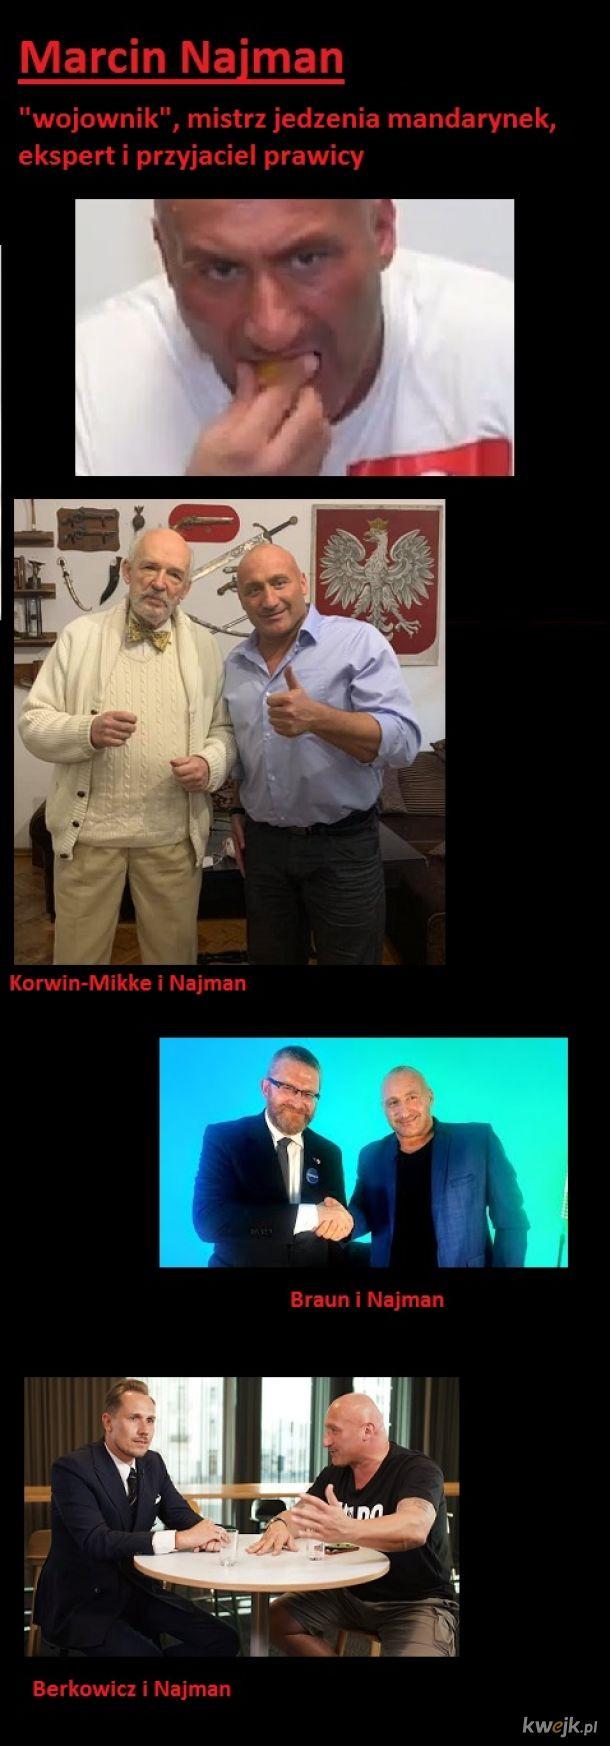 Marcin Najman - mistrz jedzenia mandarynek oraz ekspert i przyjaciel prawicy